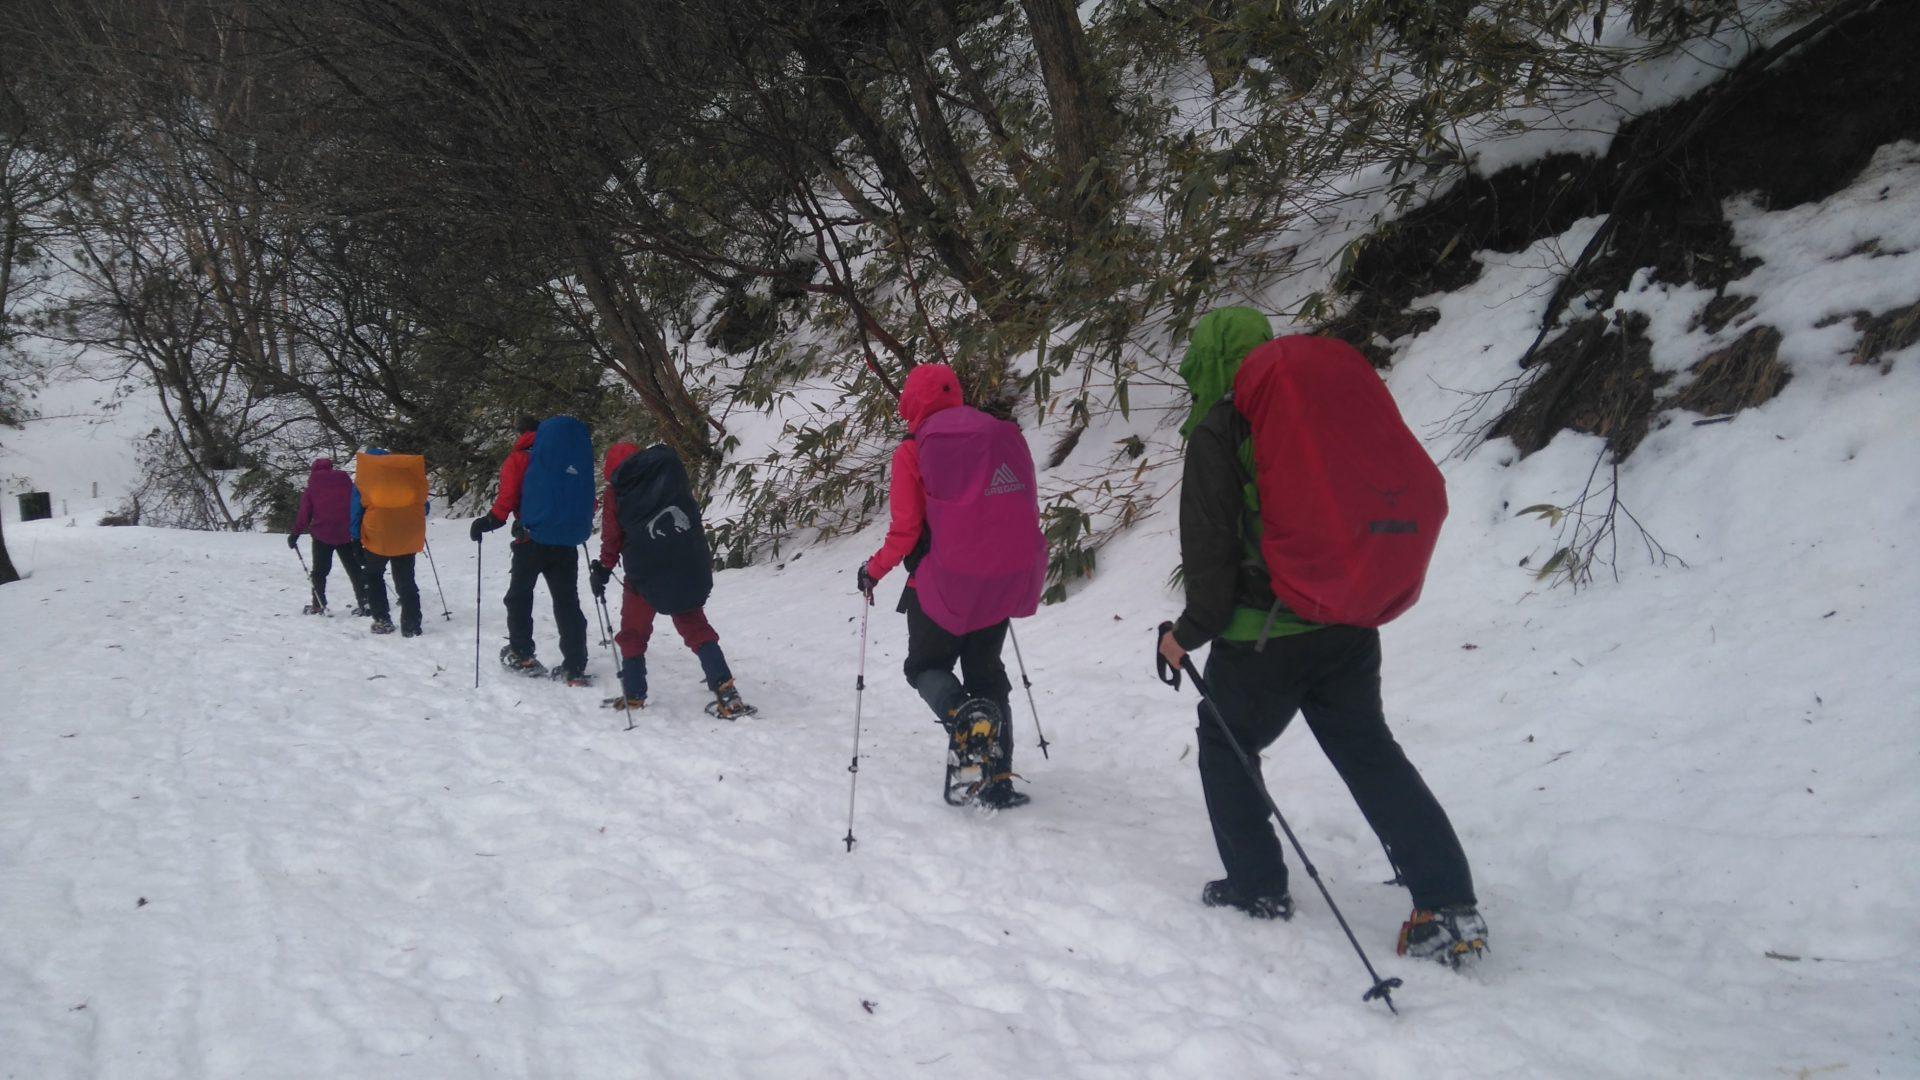 【寒がりな人の雪山対策】どんな格好して登り始めたらいいのかな?そんな素朴な疑問や状況に合わせた服装・レイヤリングをご紹介。|雪山登山初心者のための登山情報ガイド|MountainDays